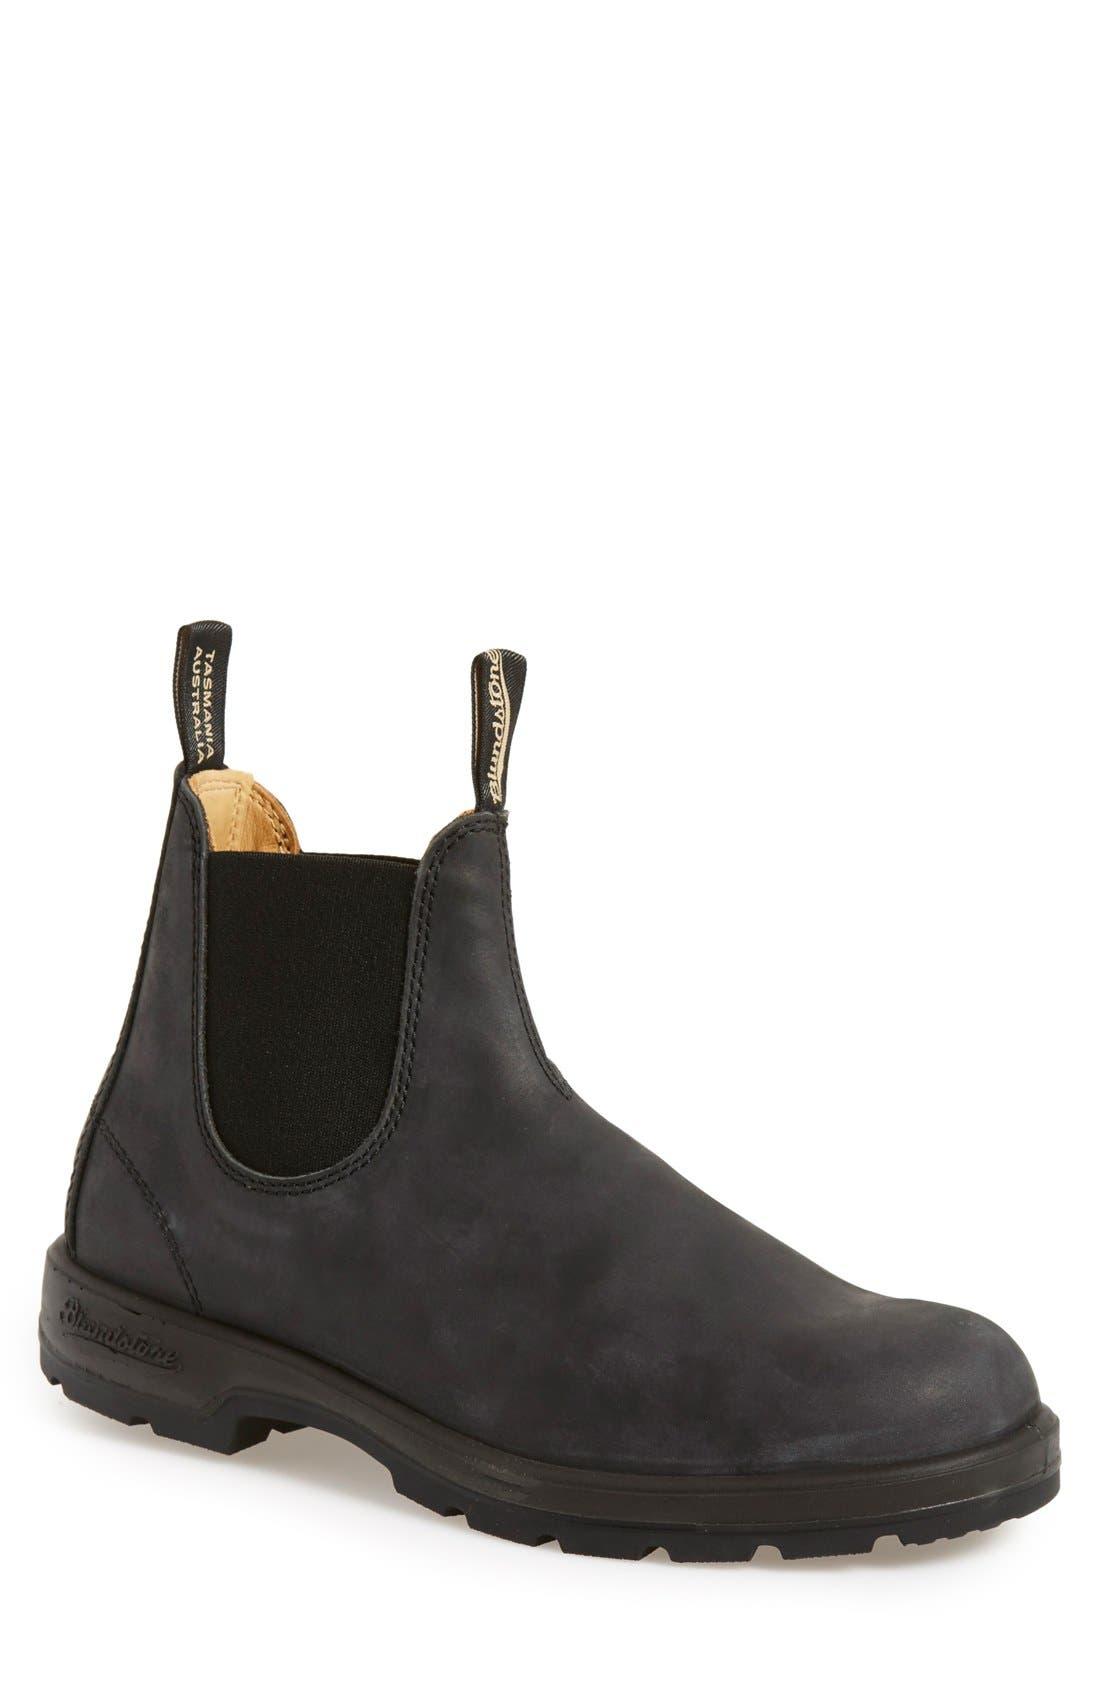 Footwear Chelsea Boot,                         Main,                         color, RUSTIC BLACK